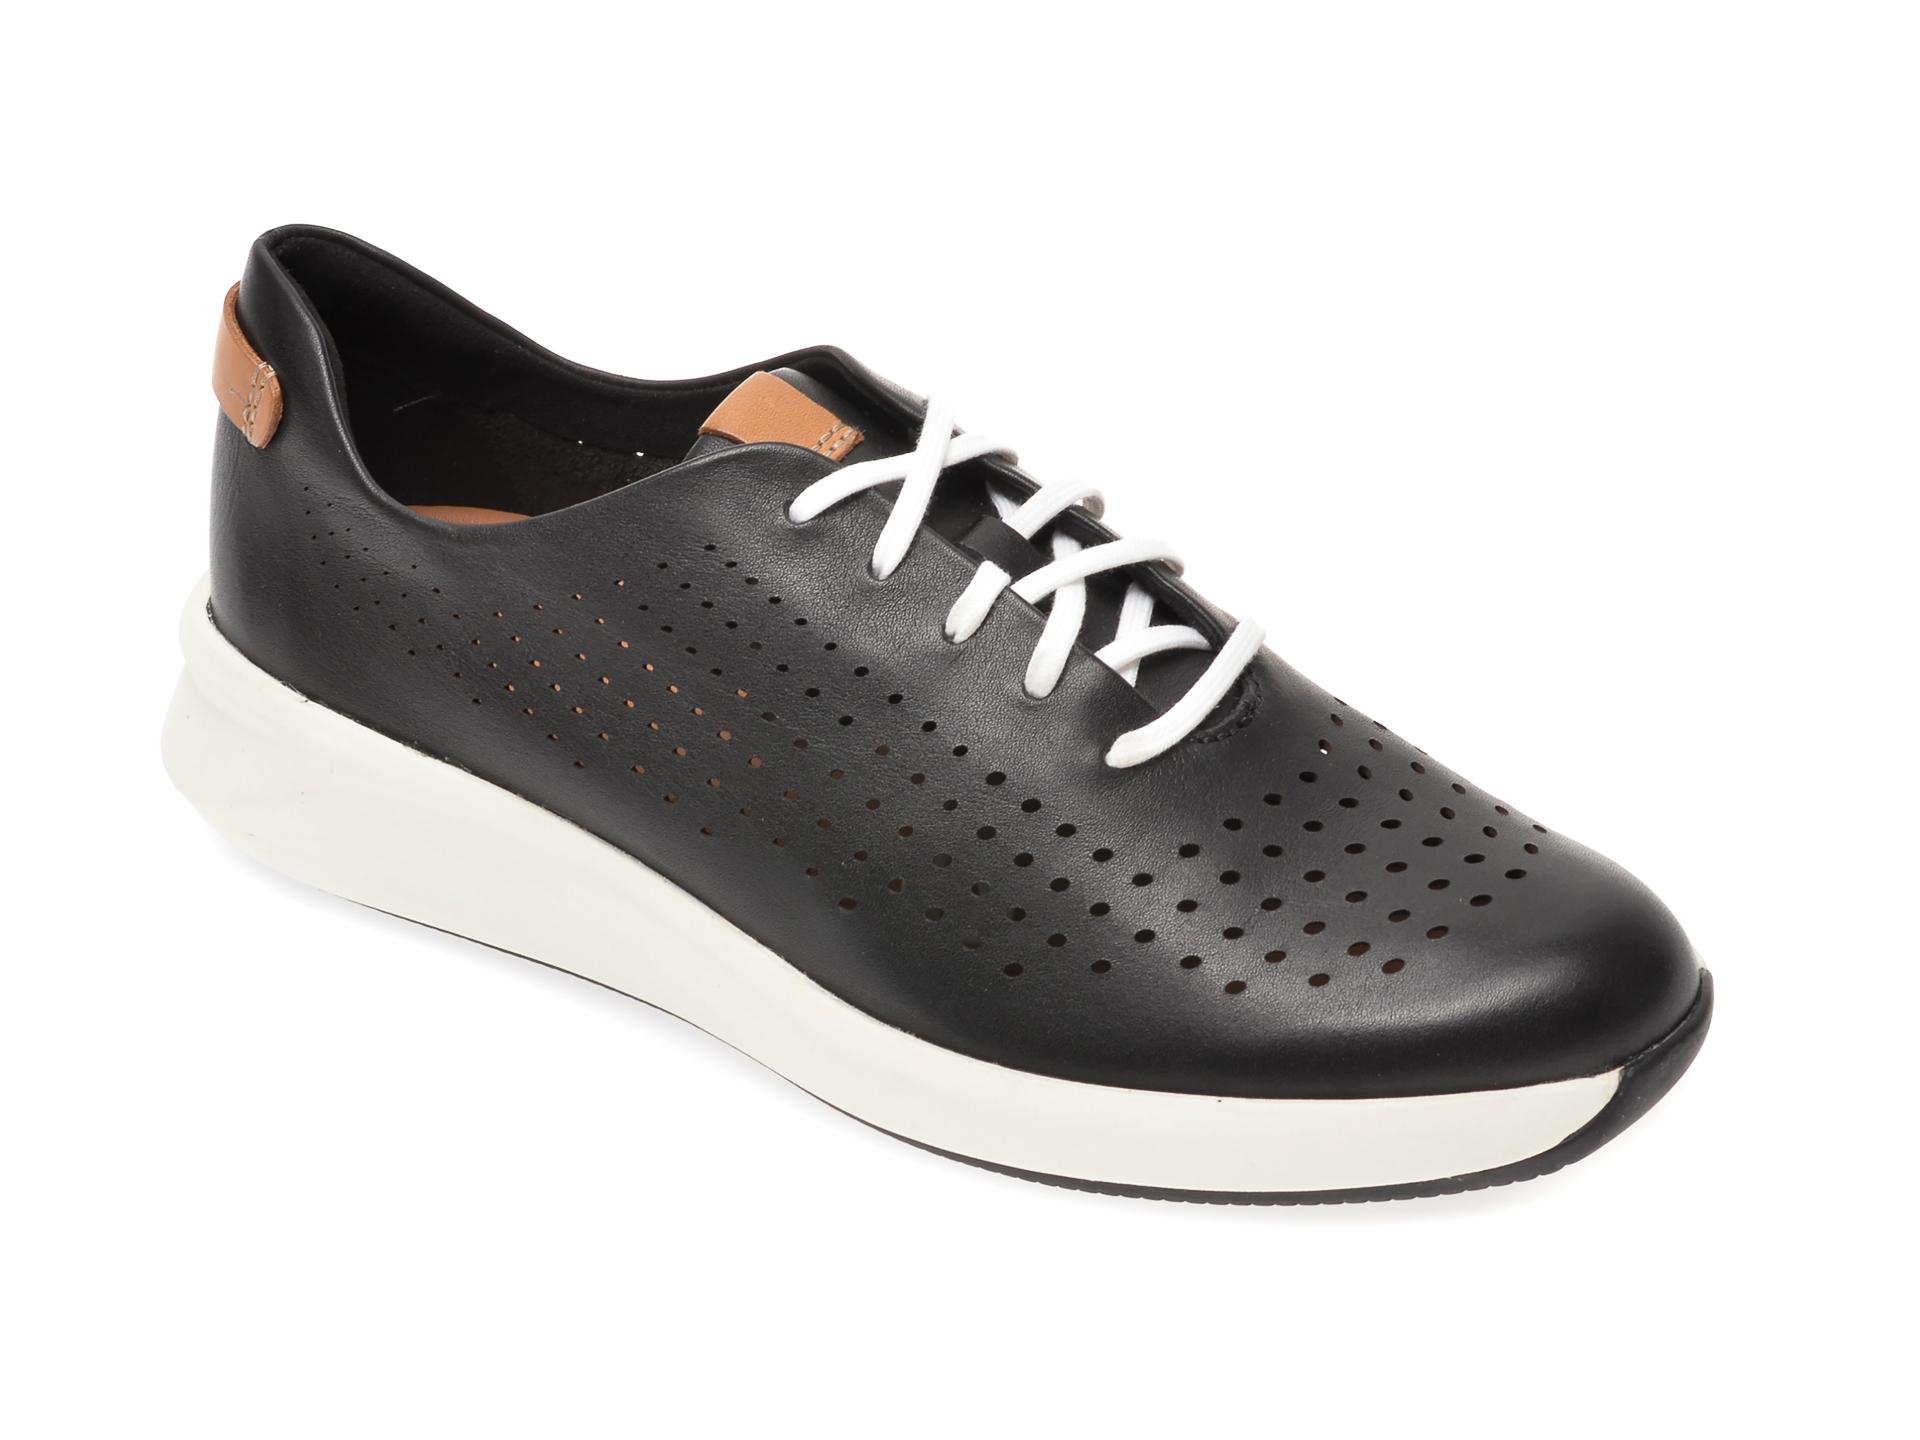 Pantofi CLARKS negri, Un Rio Tie, din piele naturala imagine